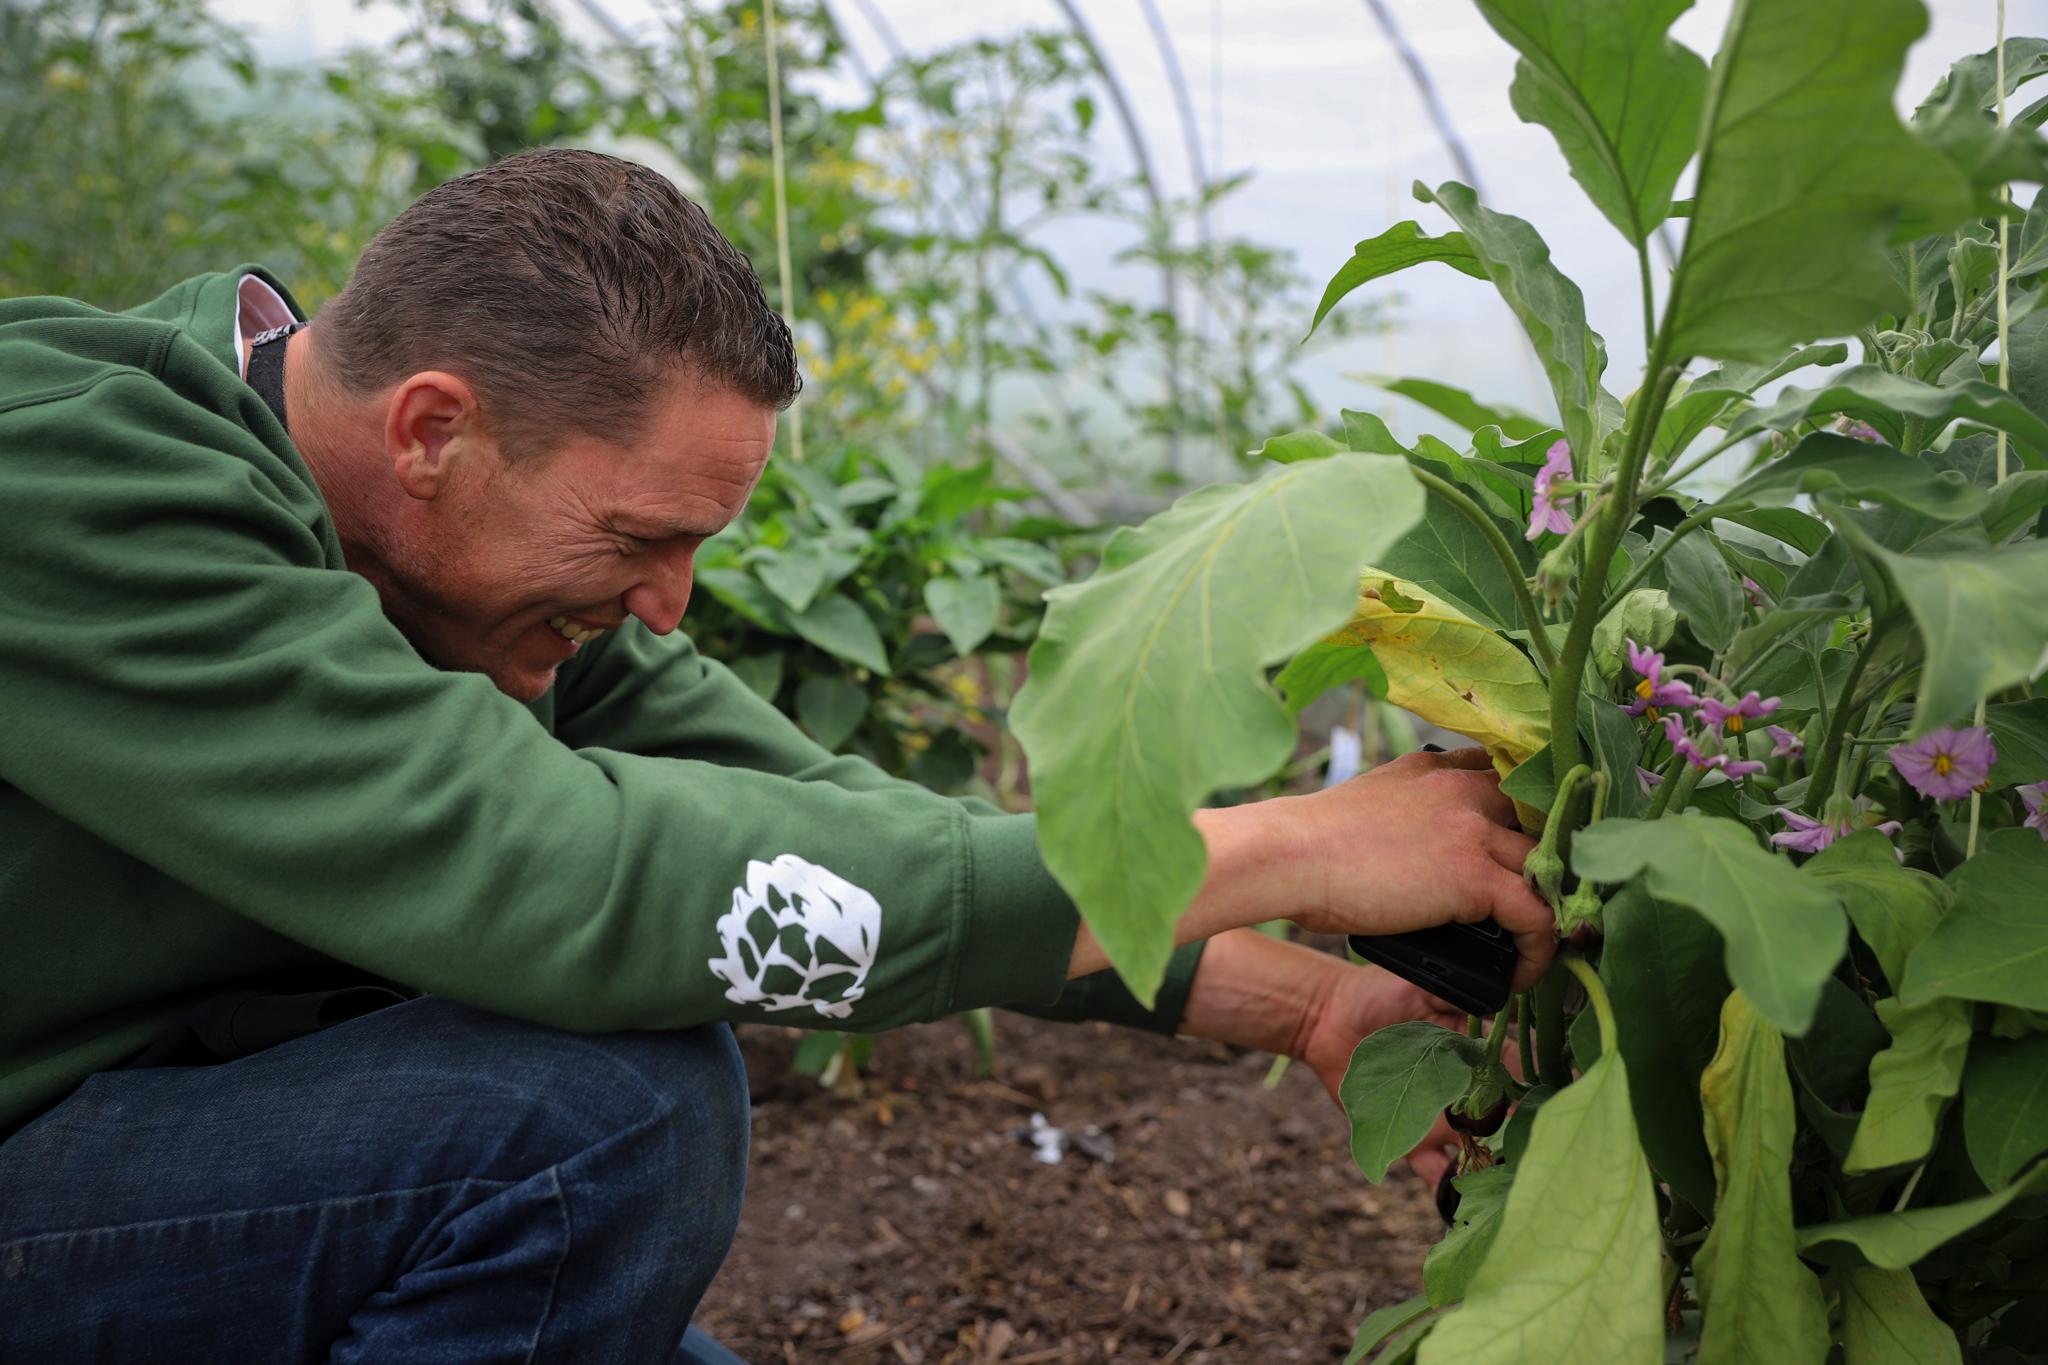 Onze groentespecialist selecteert producten